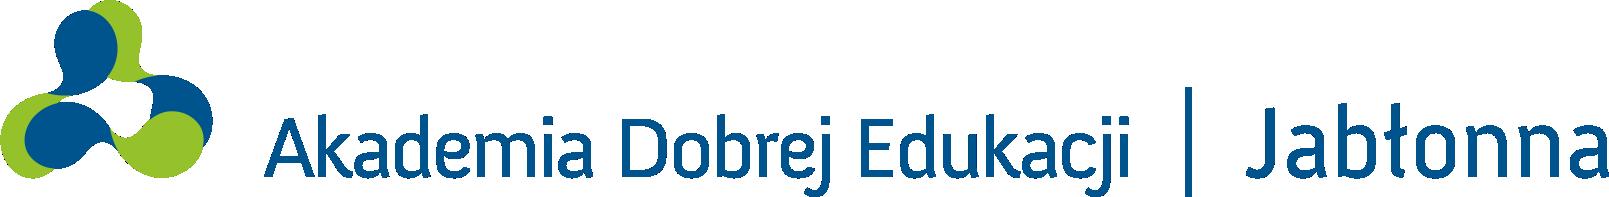 Akademia Dobrej Edukacji w Jabłonnie